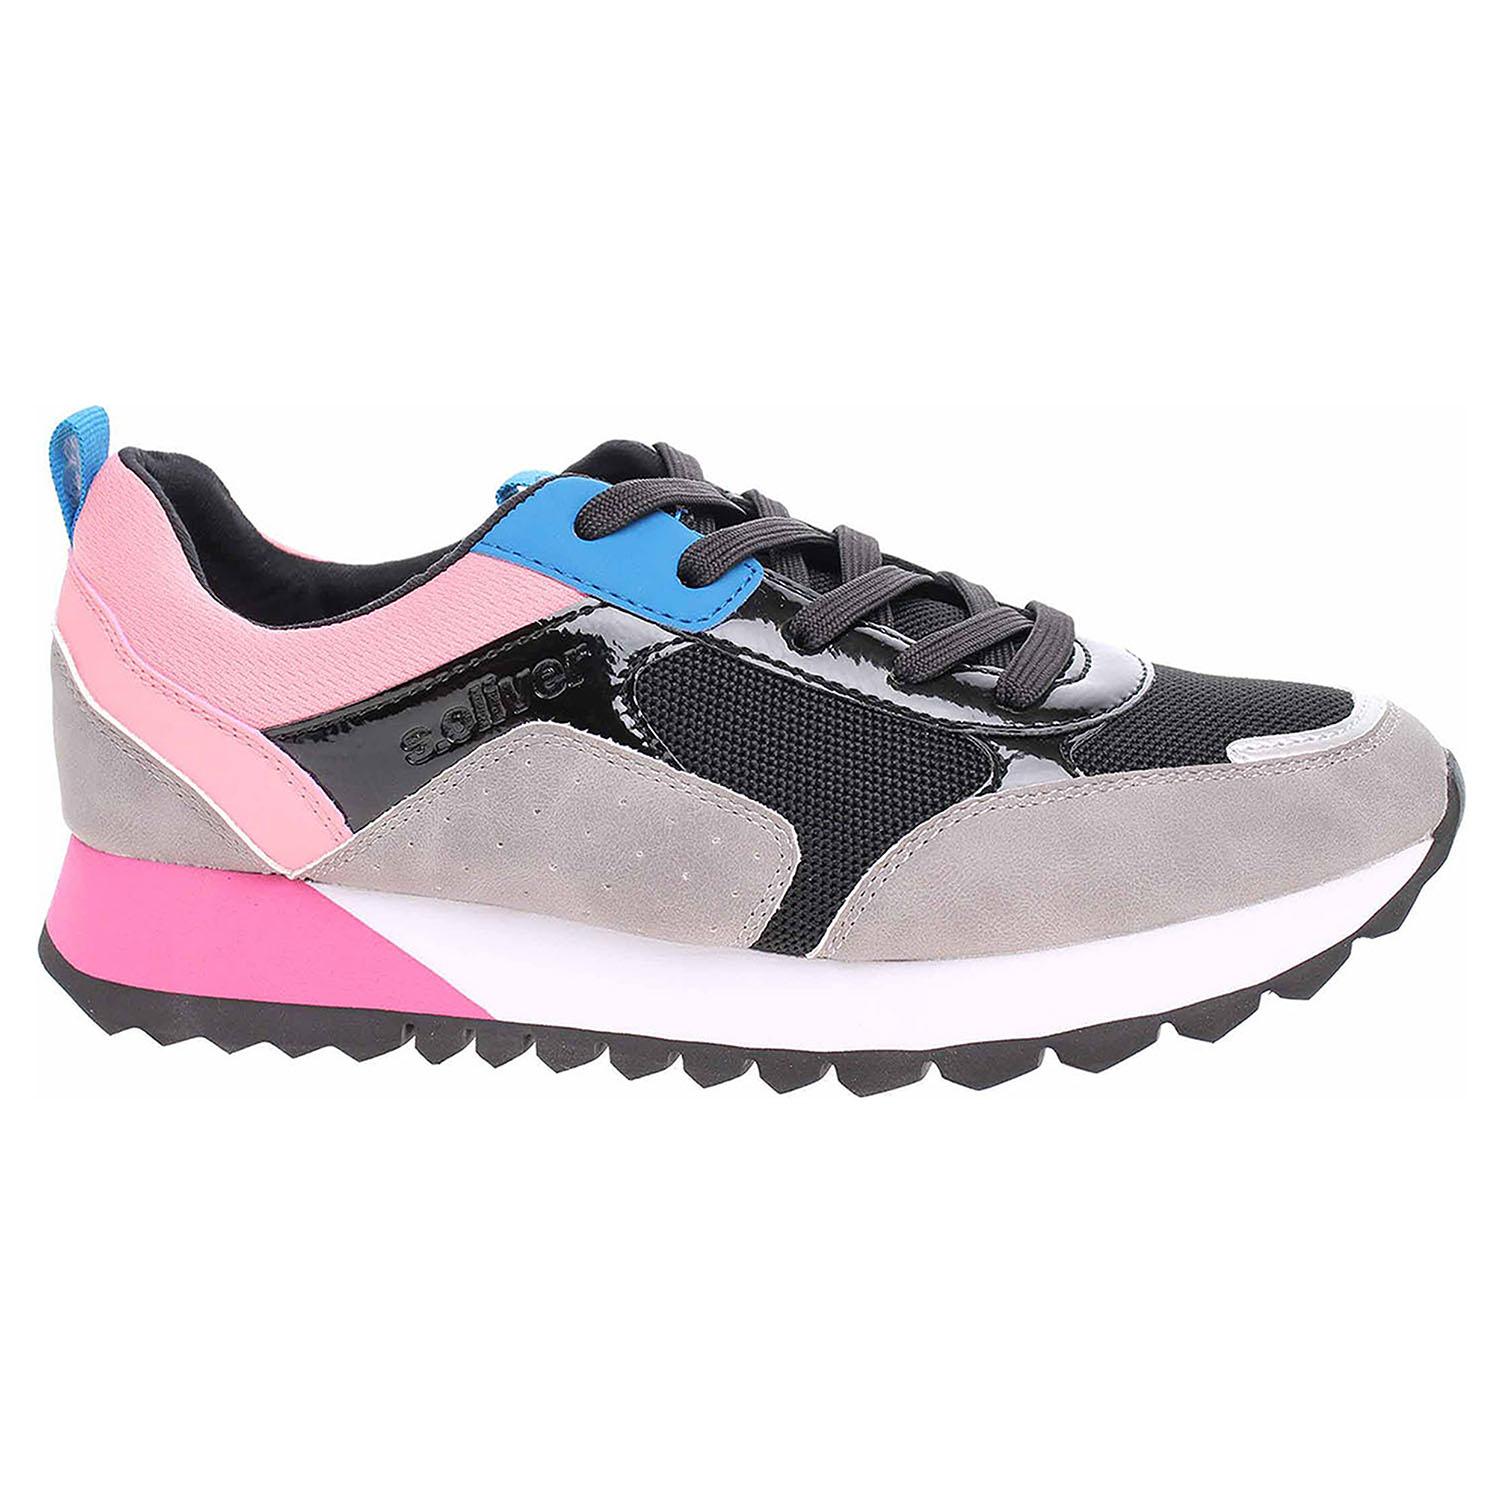 Dámská vycházková obuv s.Oliver 5-23614-33 lt grey comb 5-5-23614-33 218 39